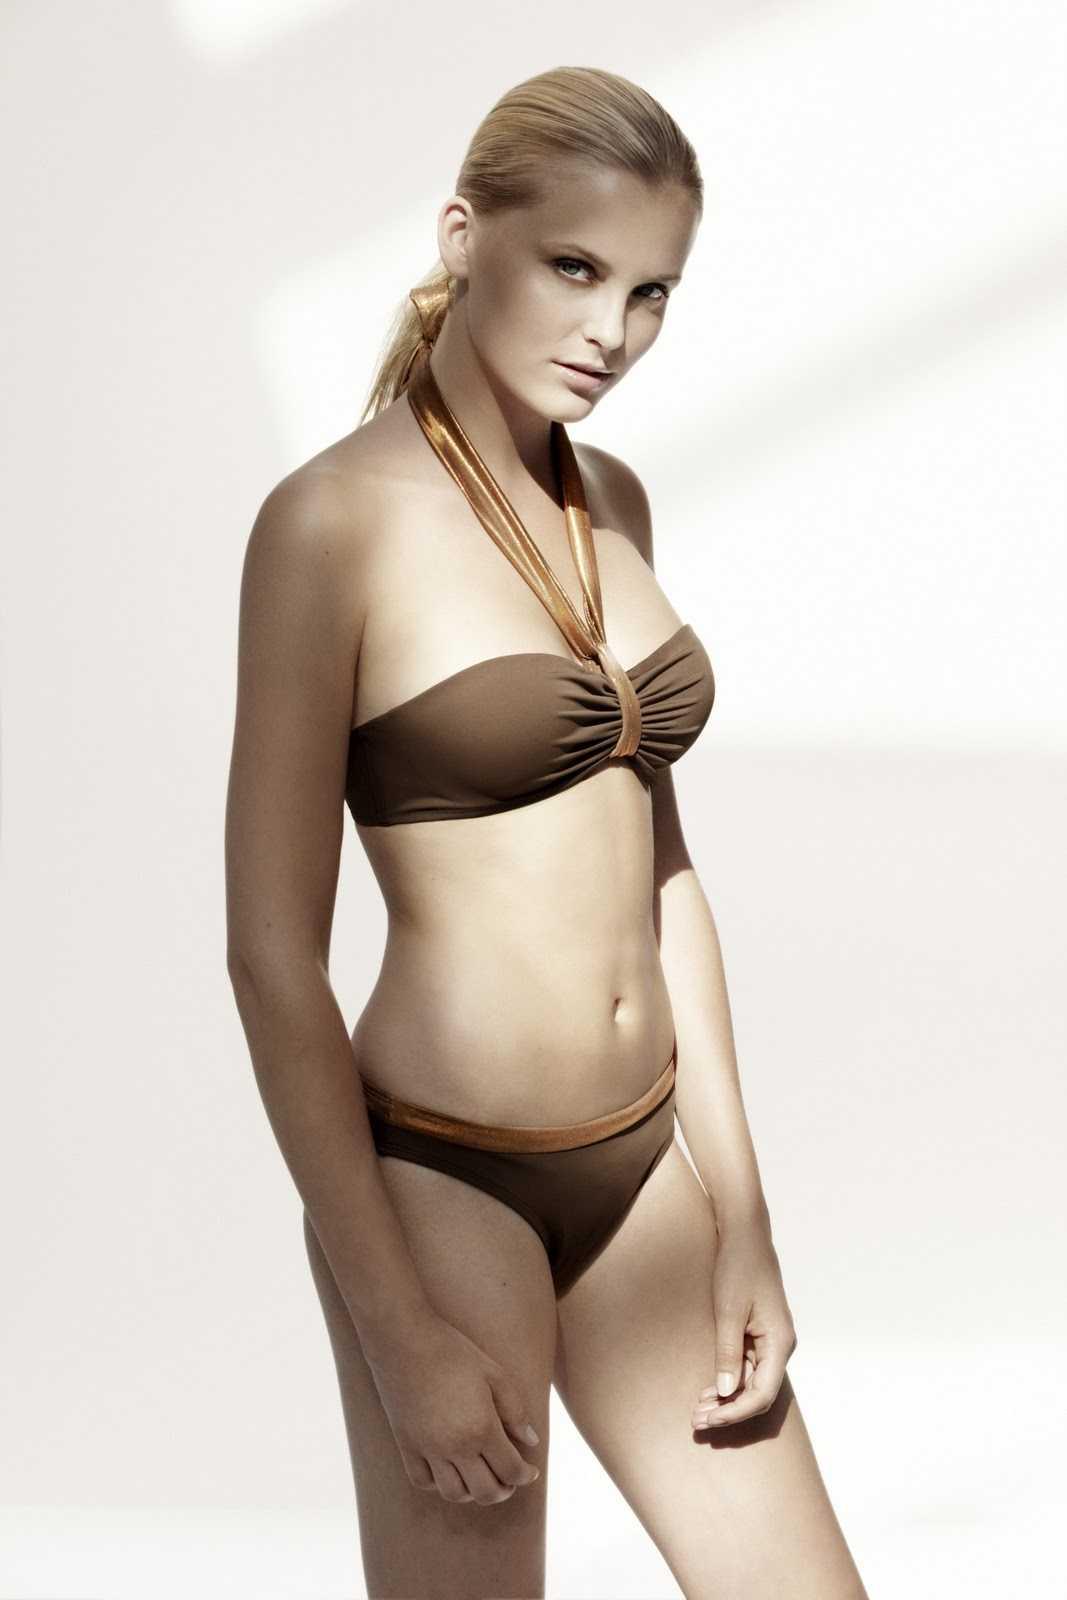 Petra Silander hot bikini pics